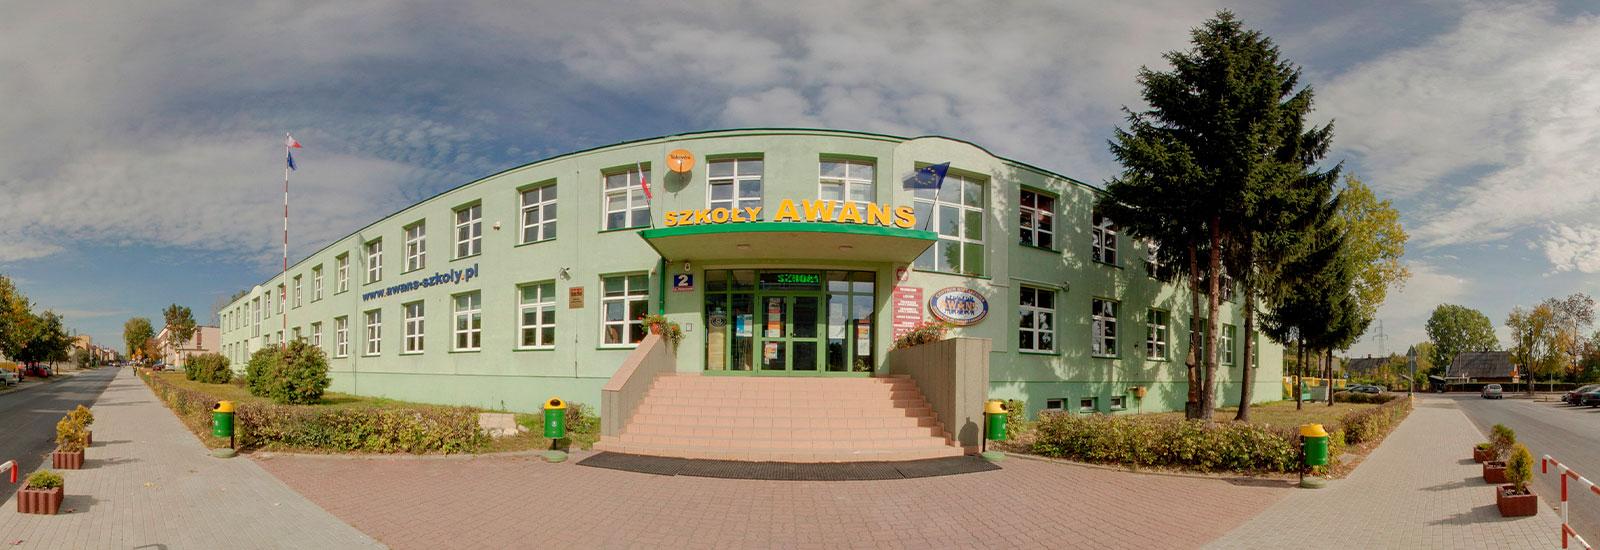 Загальноосвітній ліцей Міжнародної школи Awans в Кельце